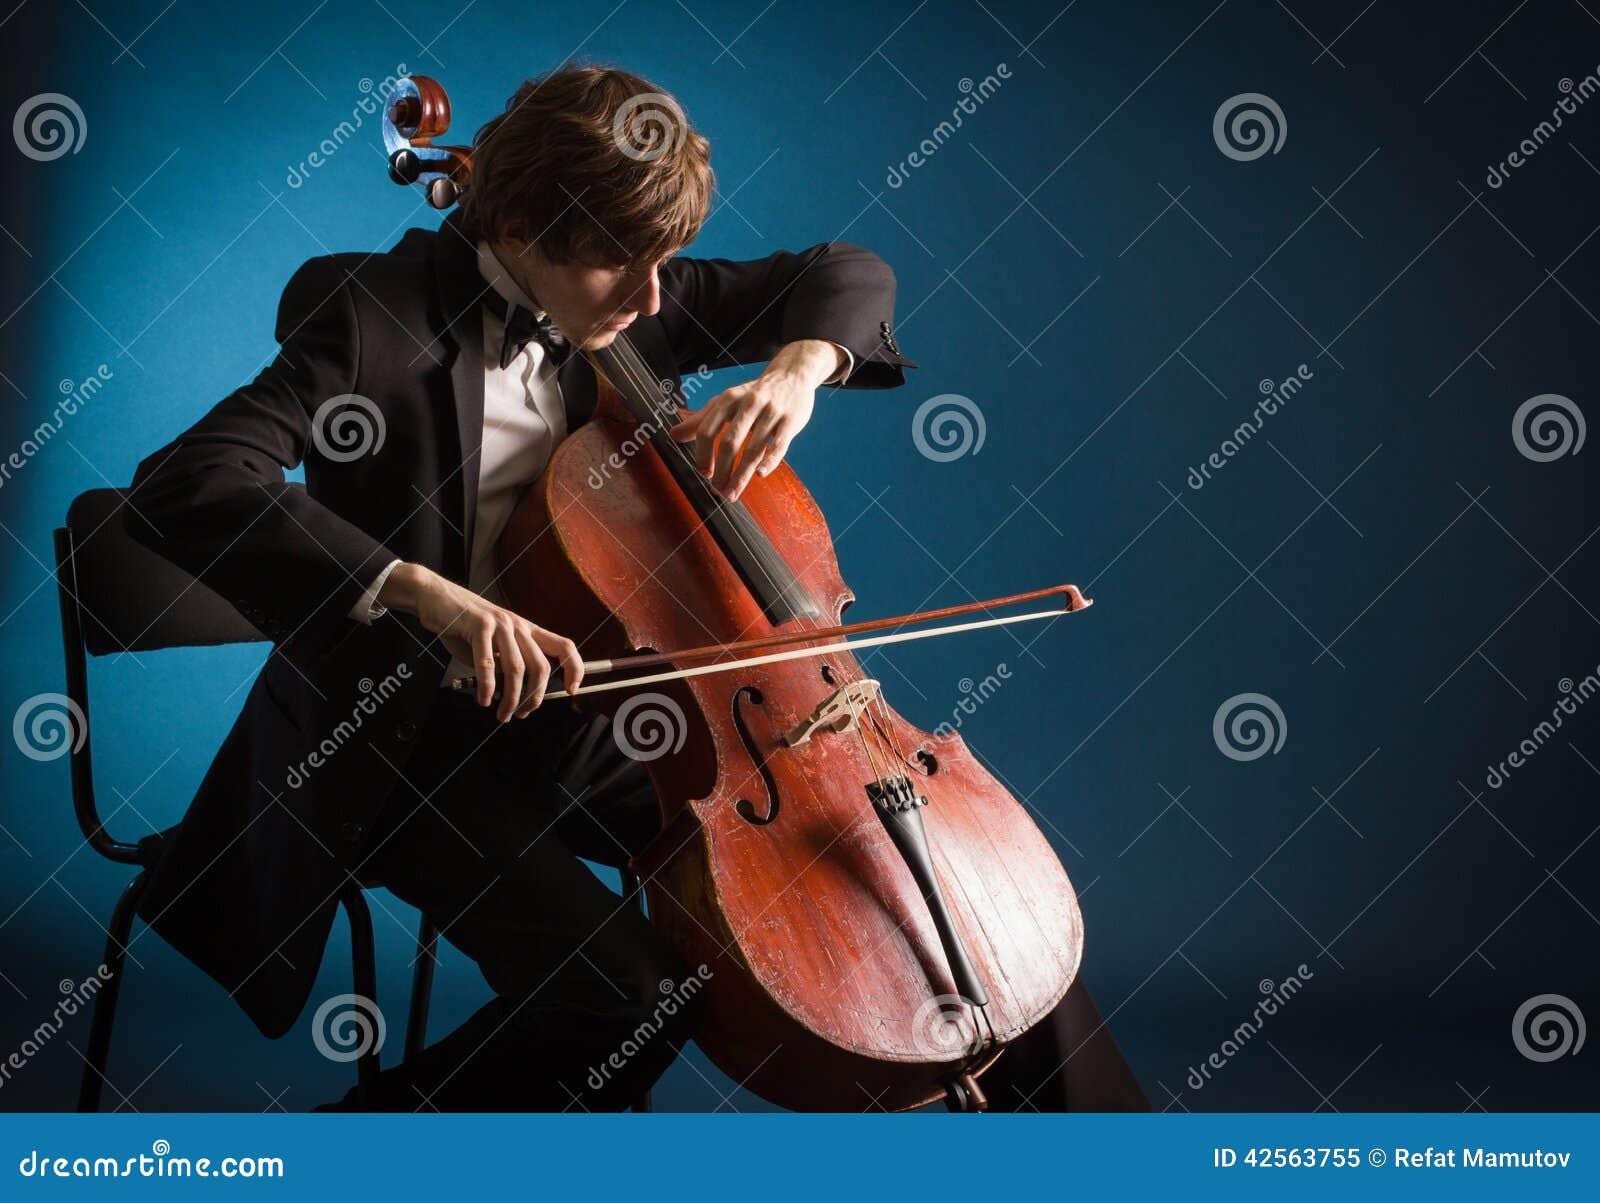 Violoncelliste jouant sur le violoncelle